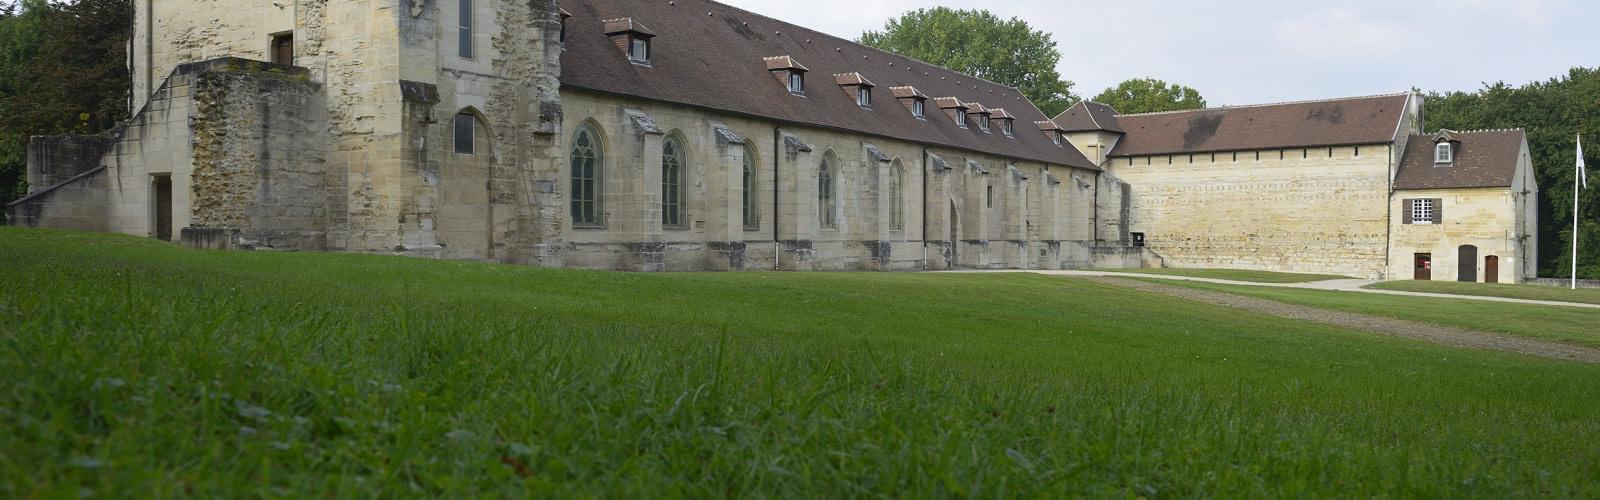 Abbaye de Maubuisson 2015